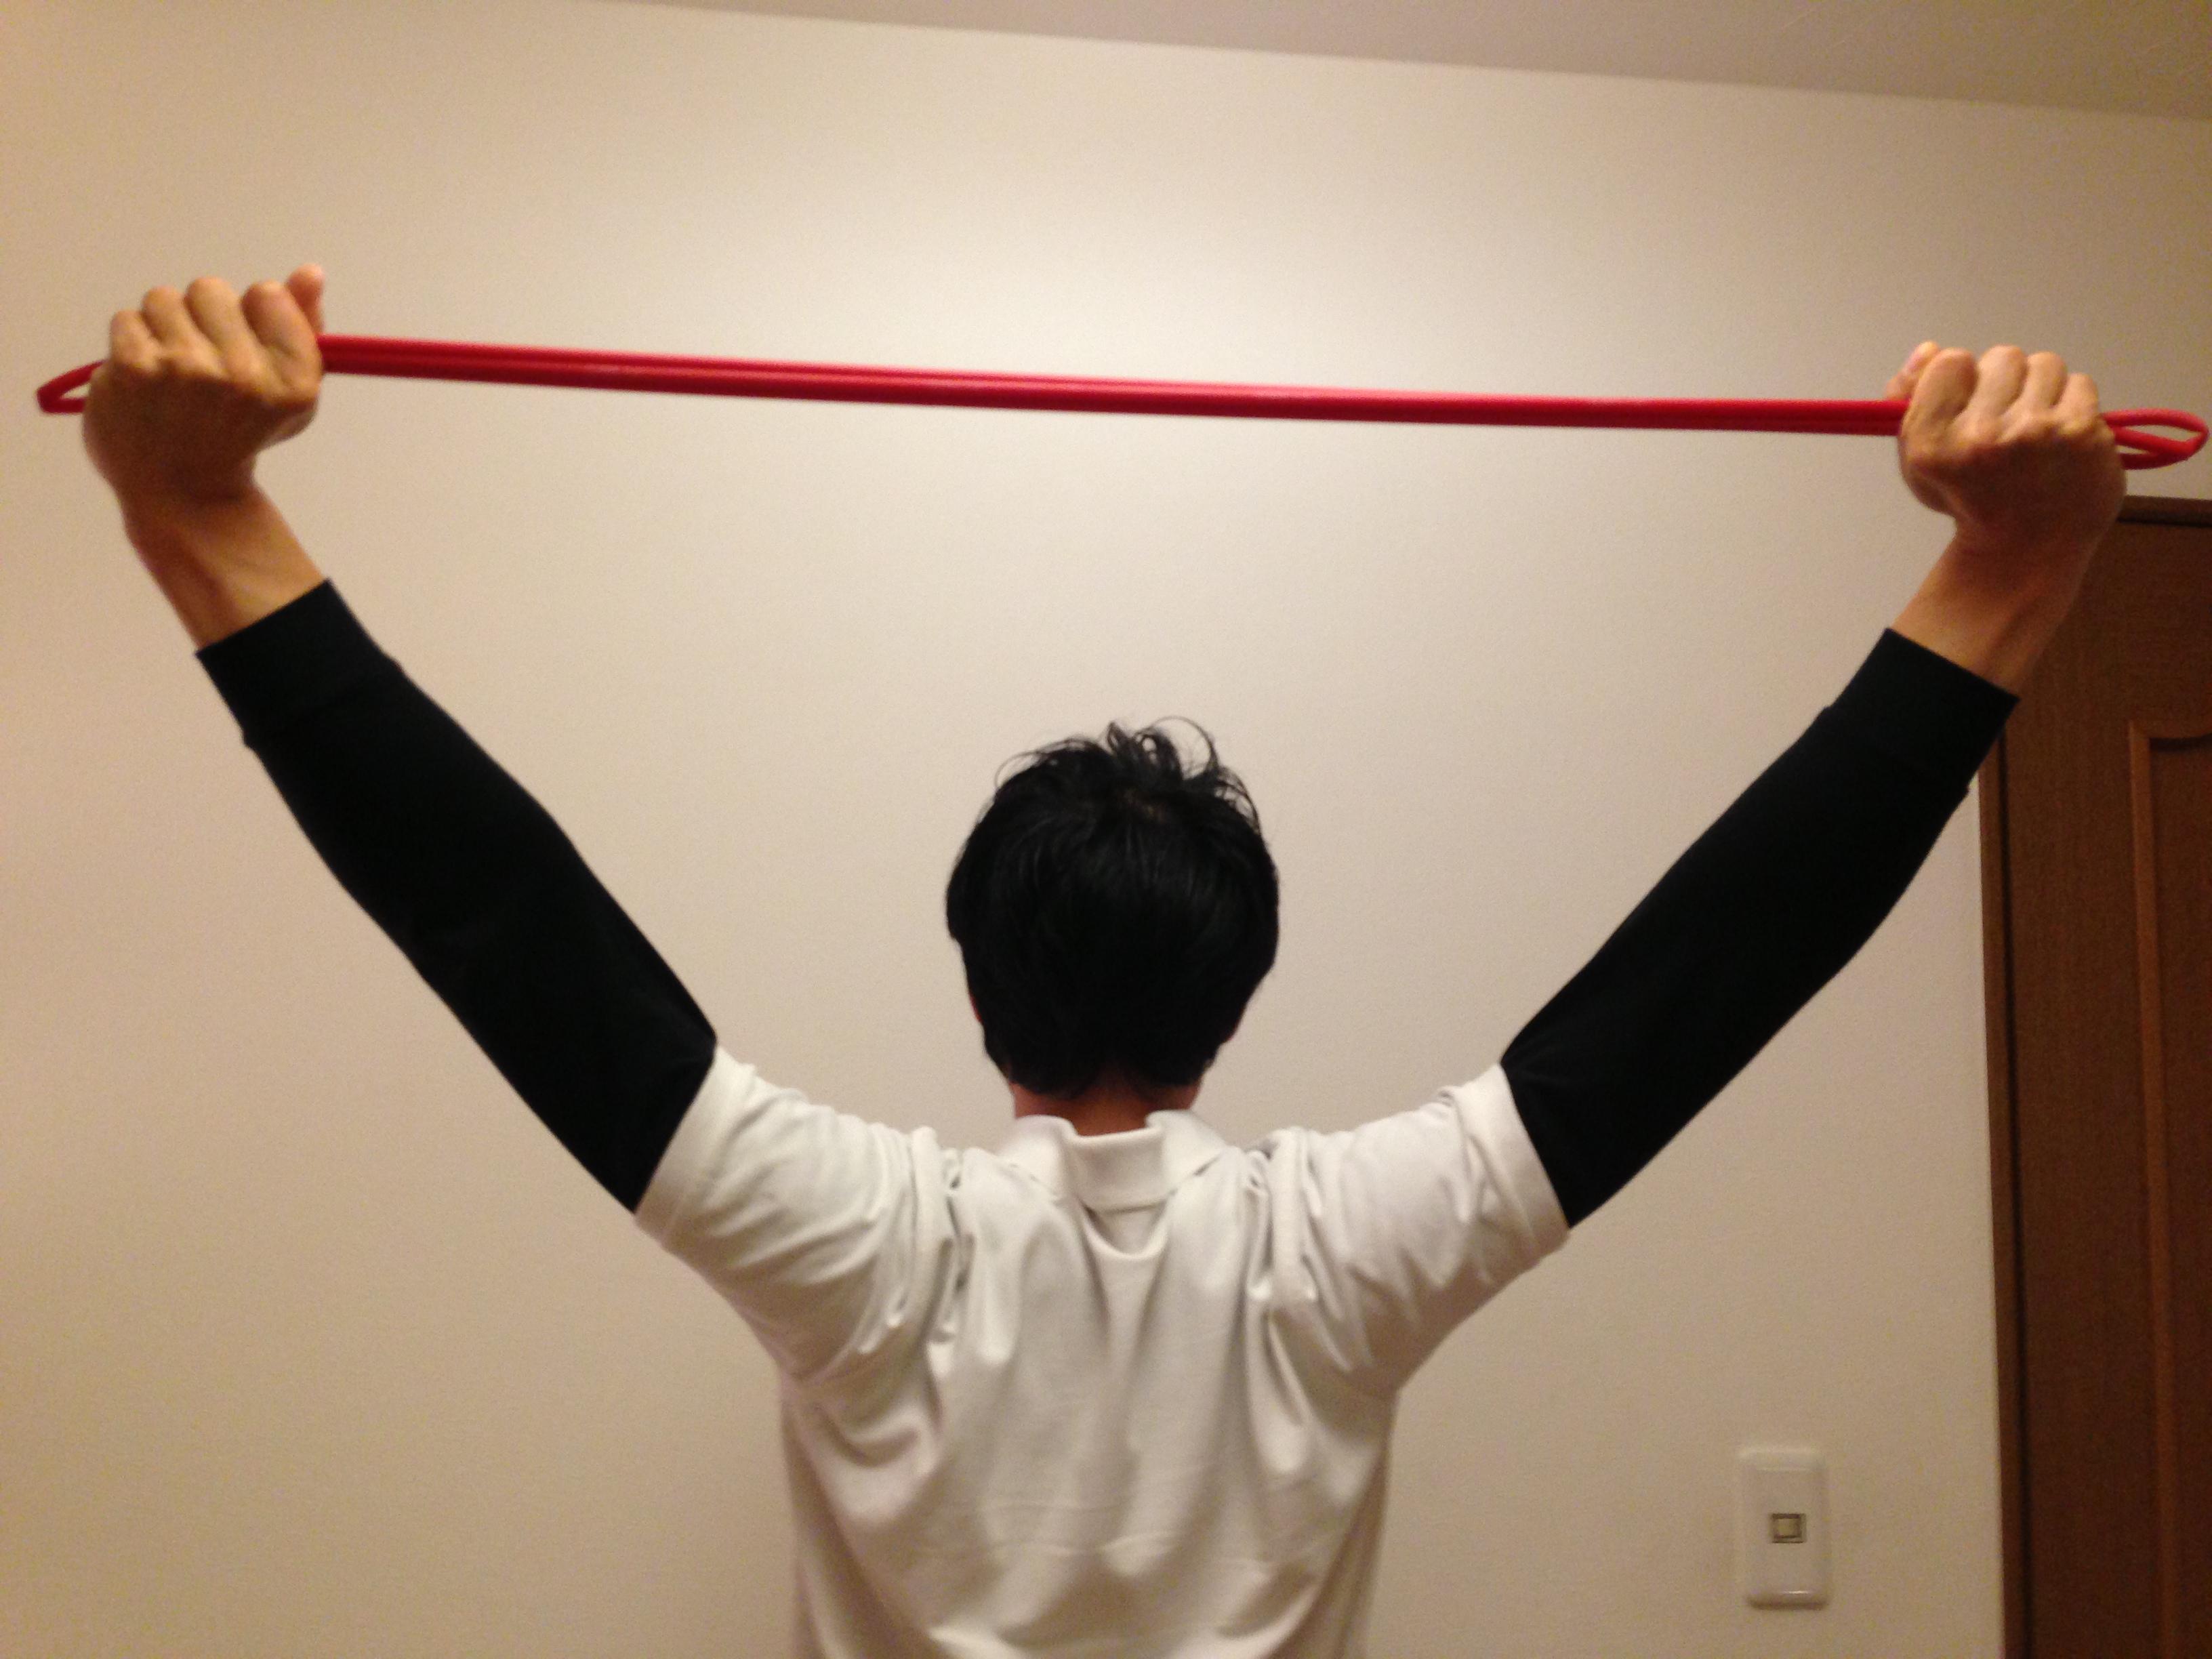 広背筋のストレッチで猫背解消!トレーニングにはダンベルが最適?のサムネイル画像